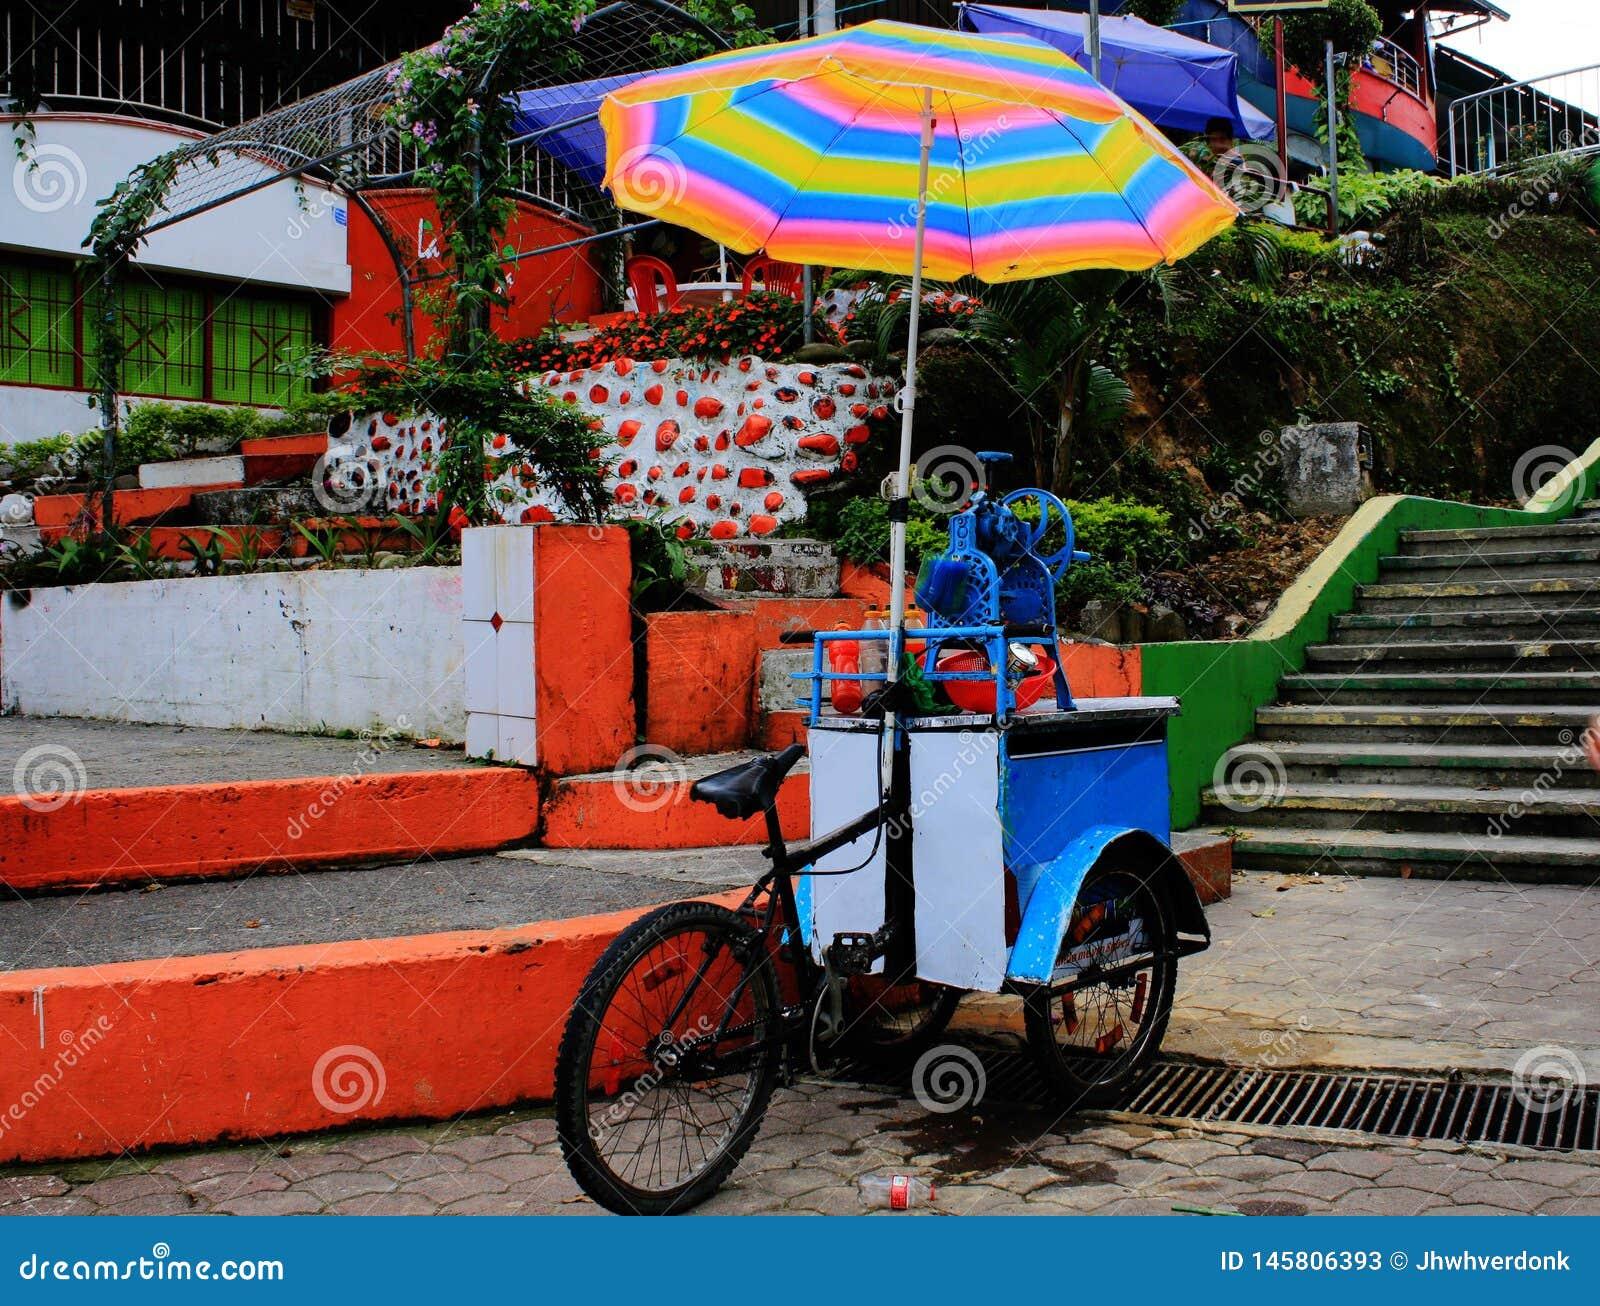 Lokale kleine winkel op een fiets verkopende drank onder een heldere en kleurrijke paraplu in Zuid-Amerika